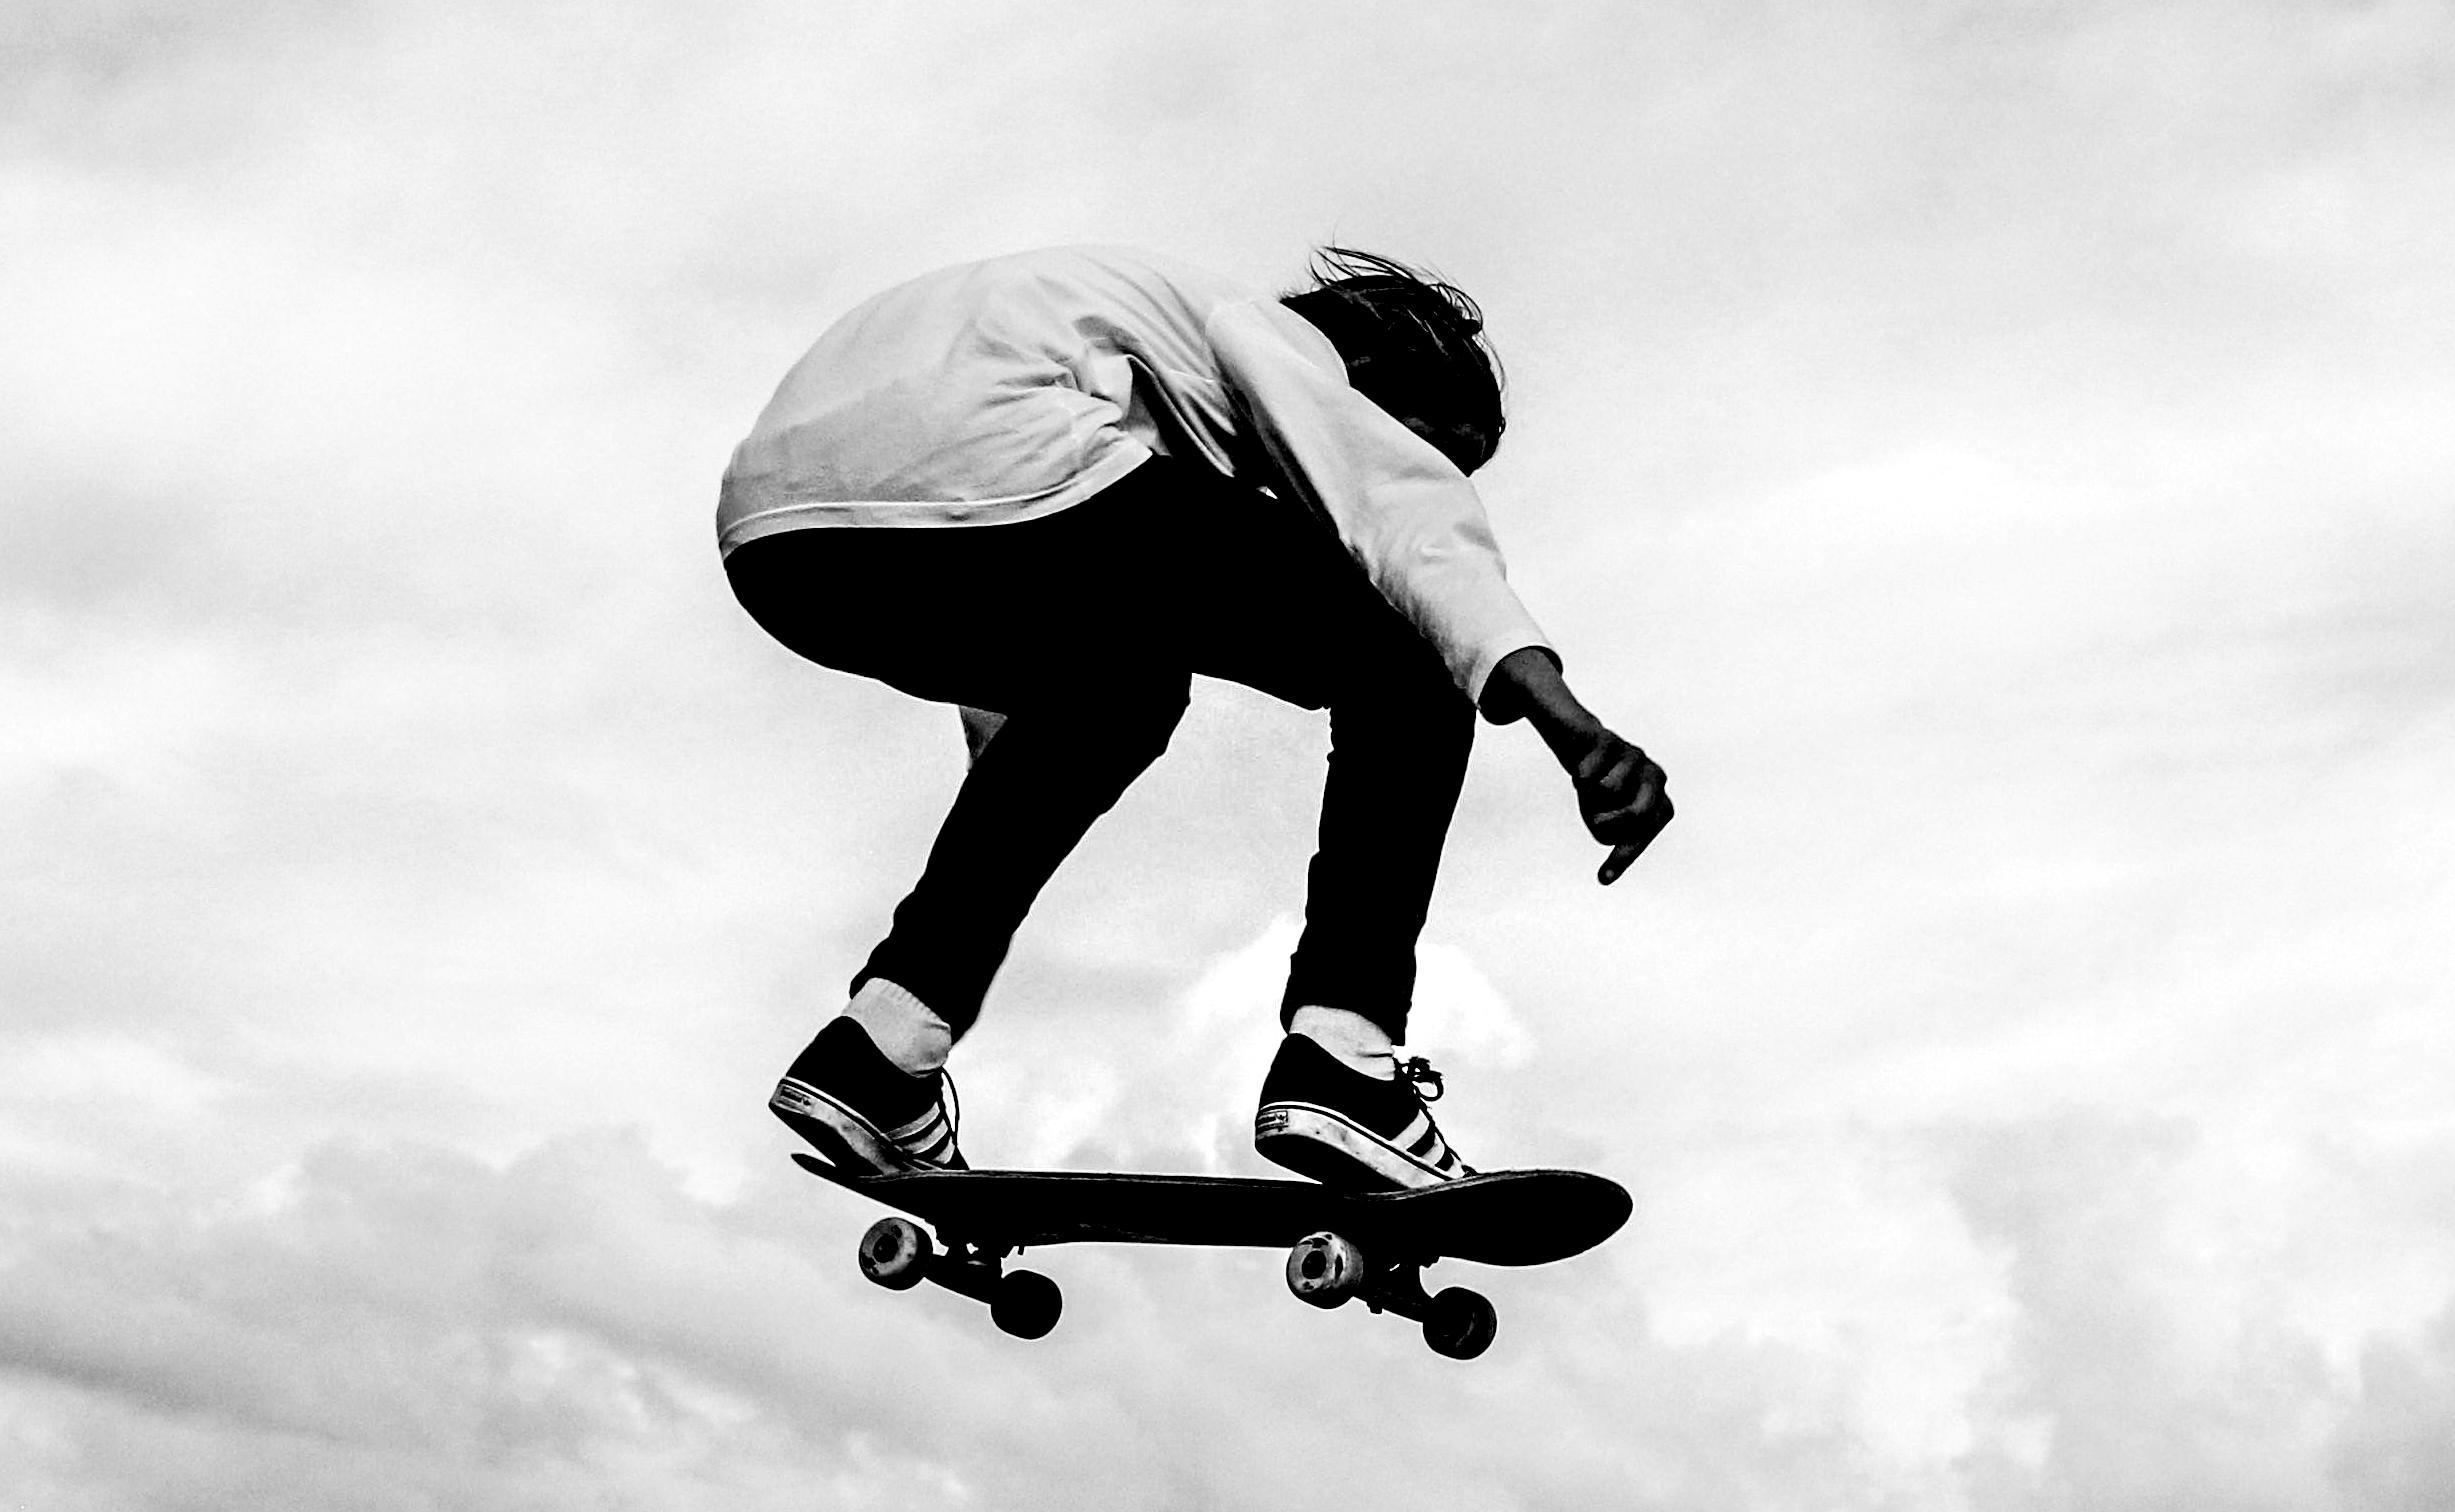 skate_fb08.jpg